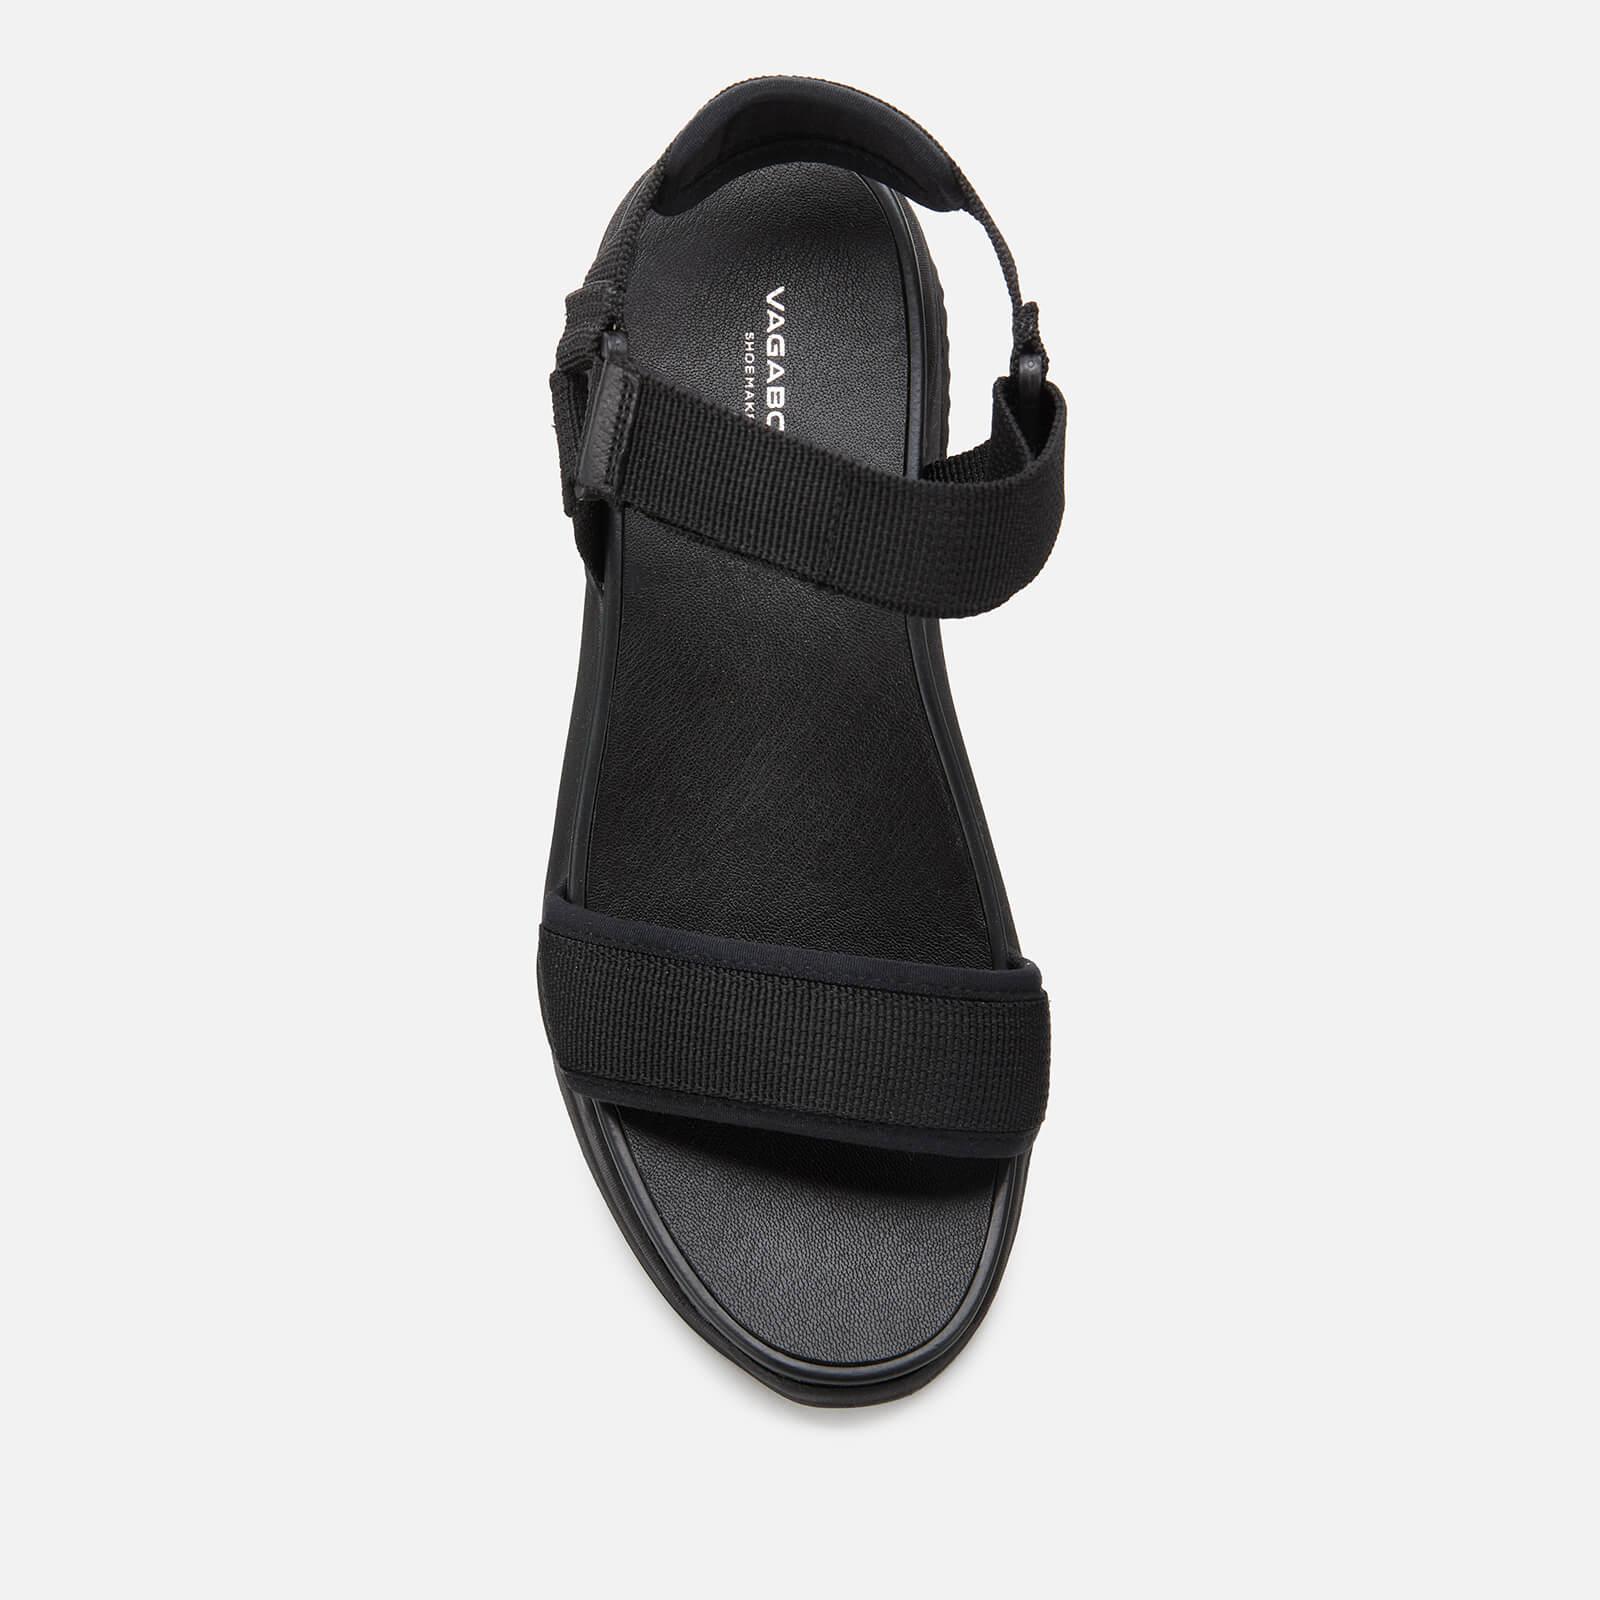 Vagabond Women's Lori Chunky Sandals - Black/Black - Uk 8